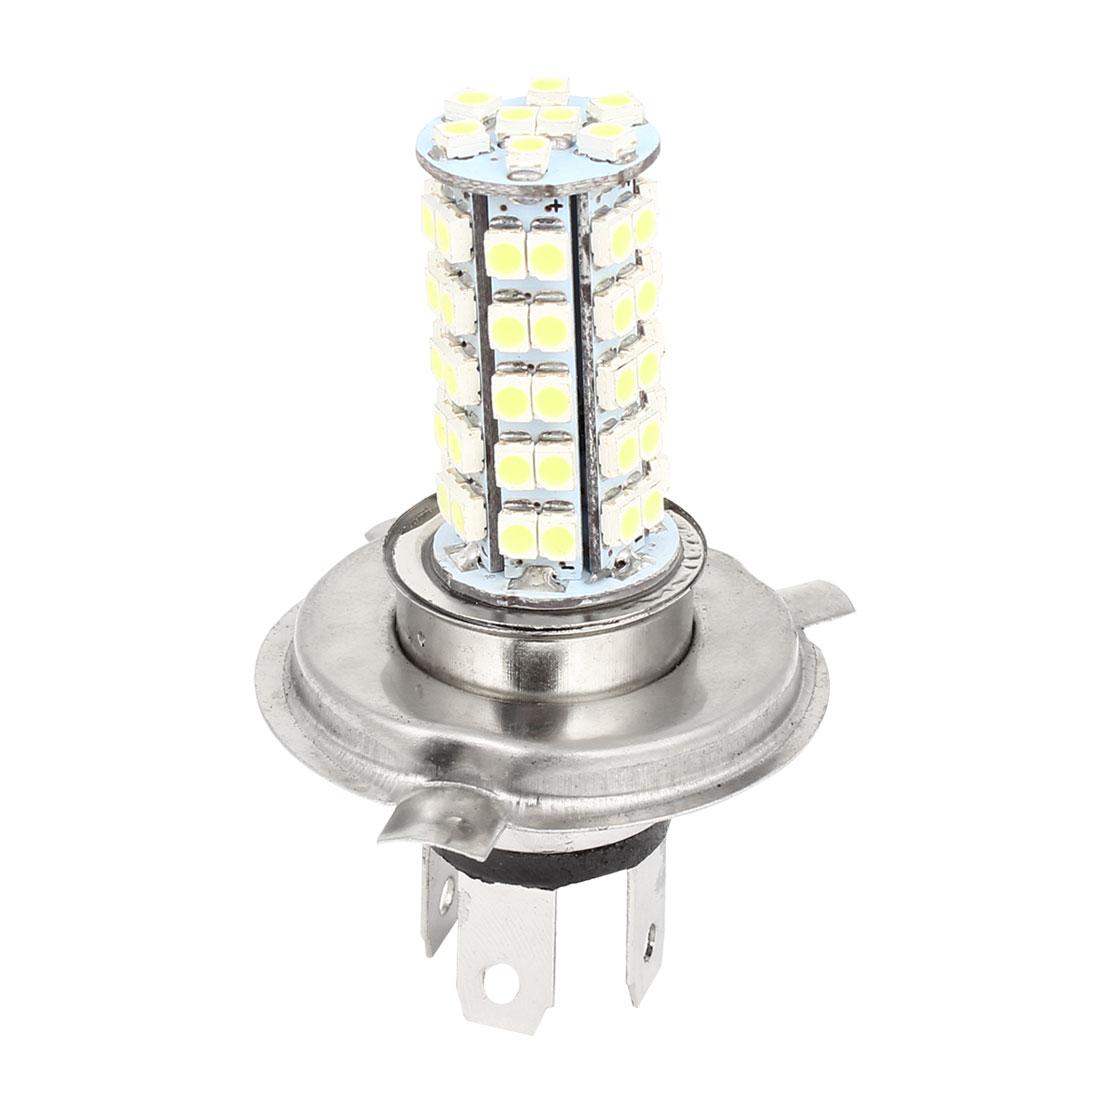 DC 12V Car Auto White H4 1210 68 LED Foglight Head Light Lamp Bulb